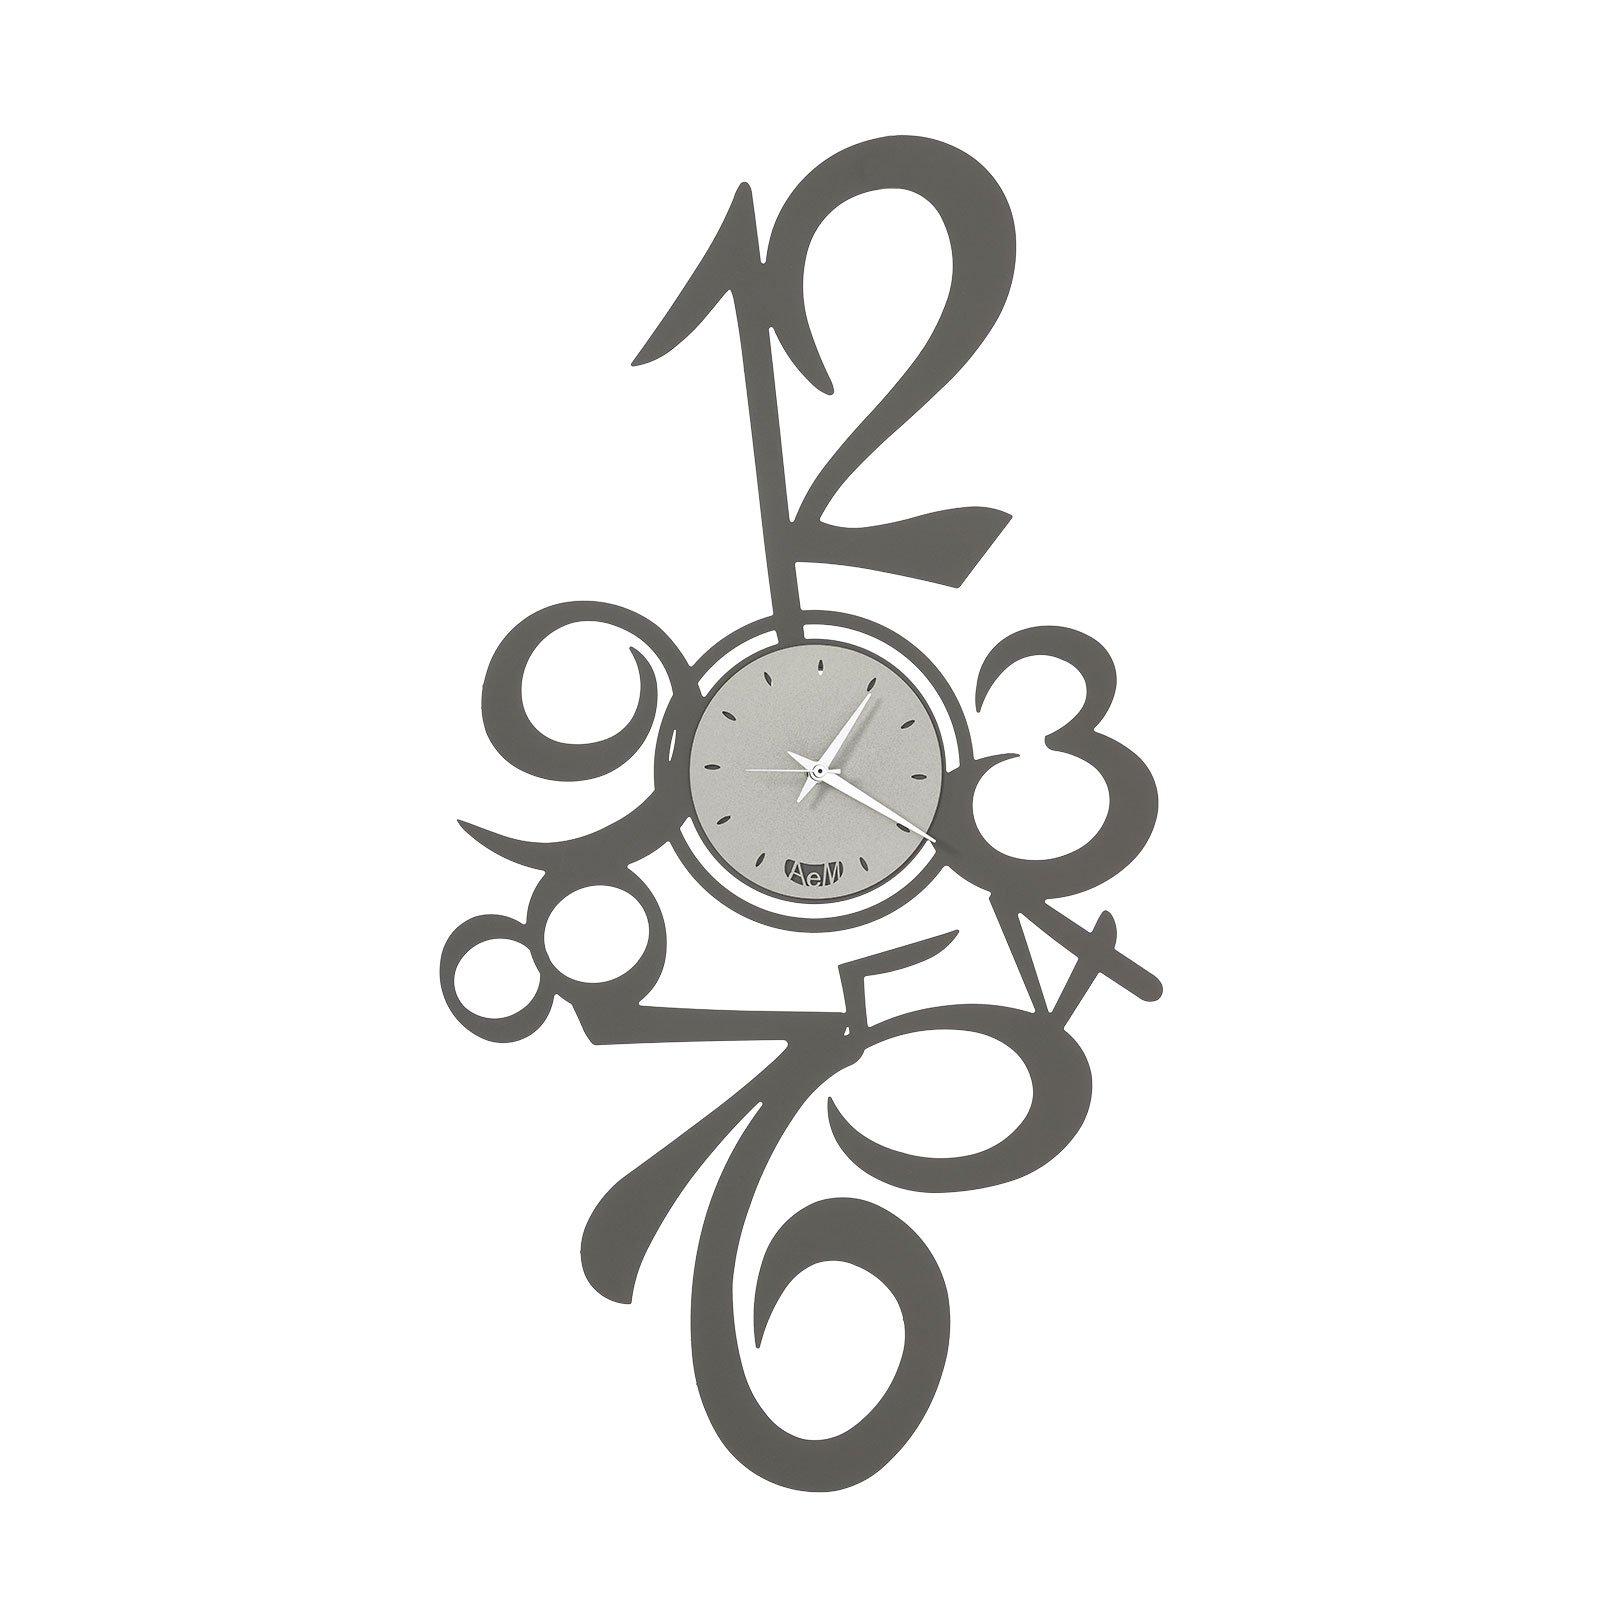 Orologio_da_parete_con_numeri_grandi_Calypso_3311-C135